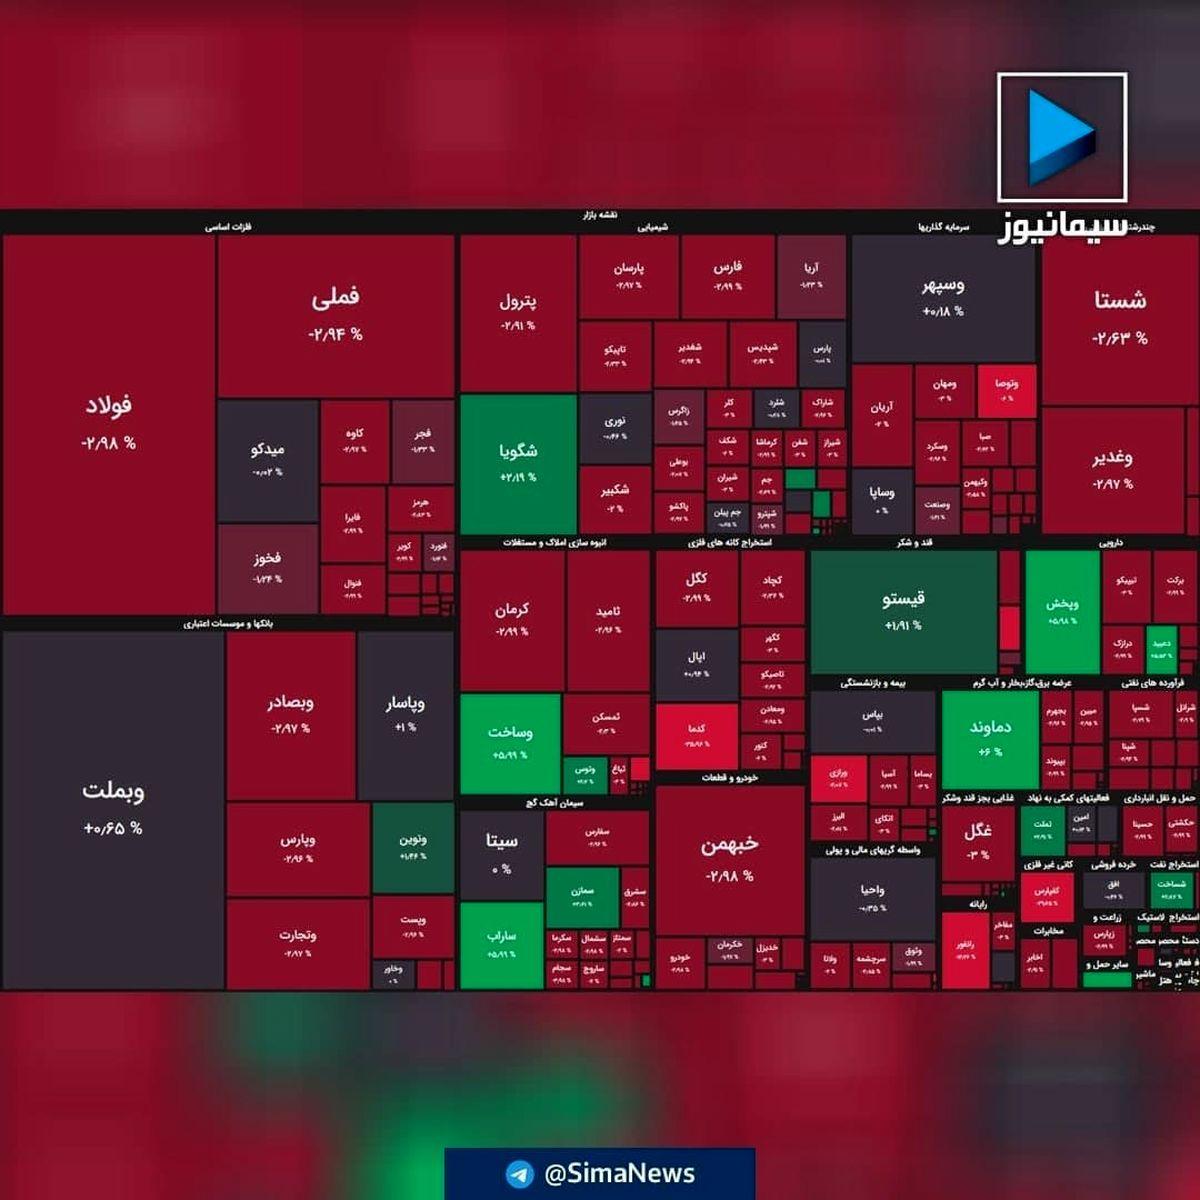 ریزش ۱۵ هزار واحدی شاخص بورس/بازار یک تنه قرمز پوش شد